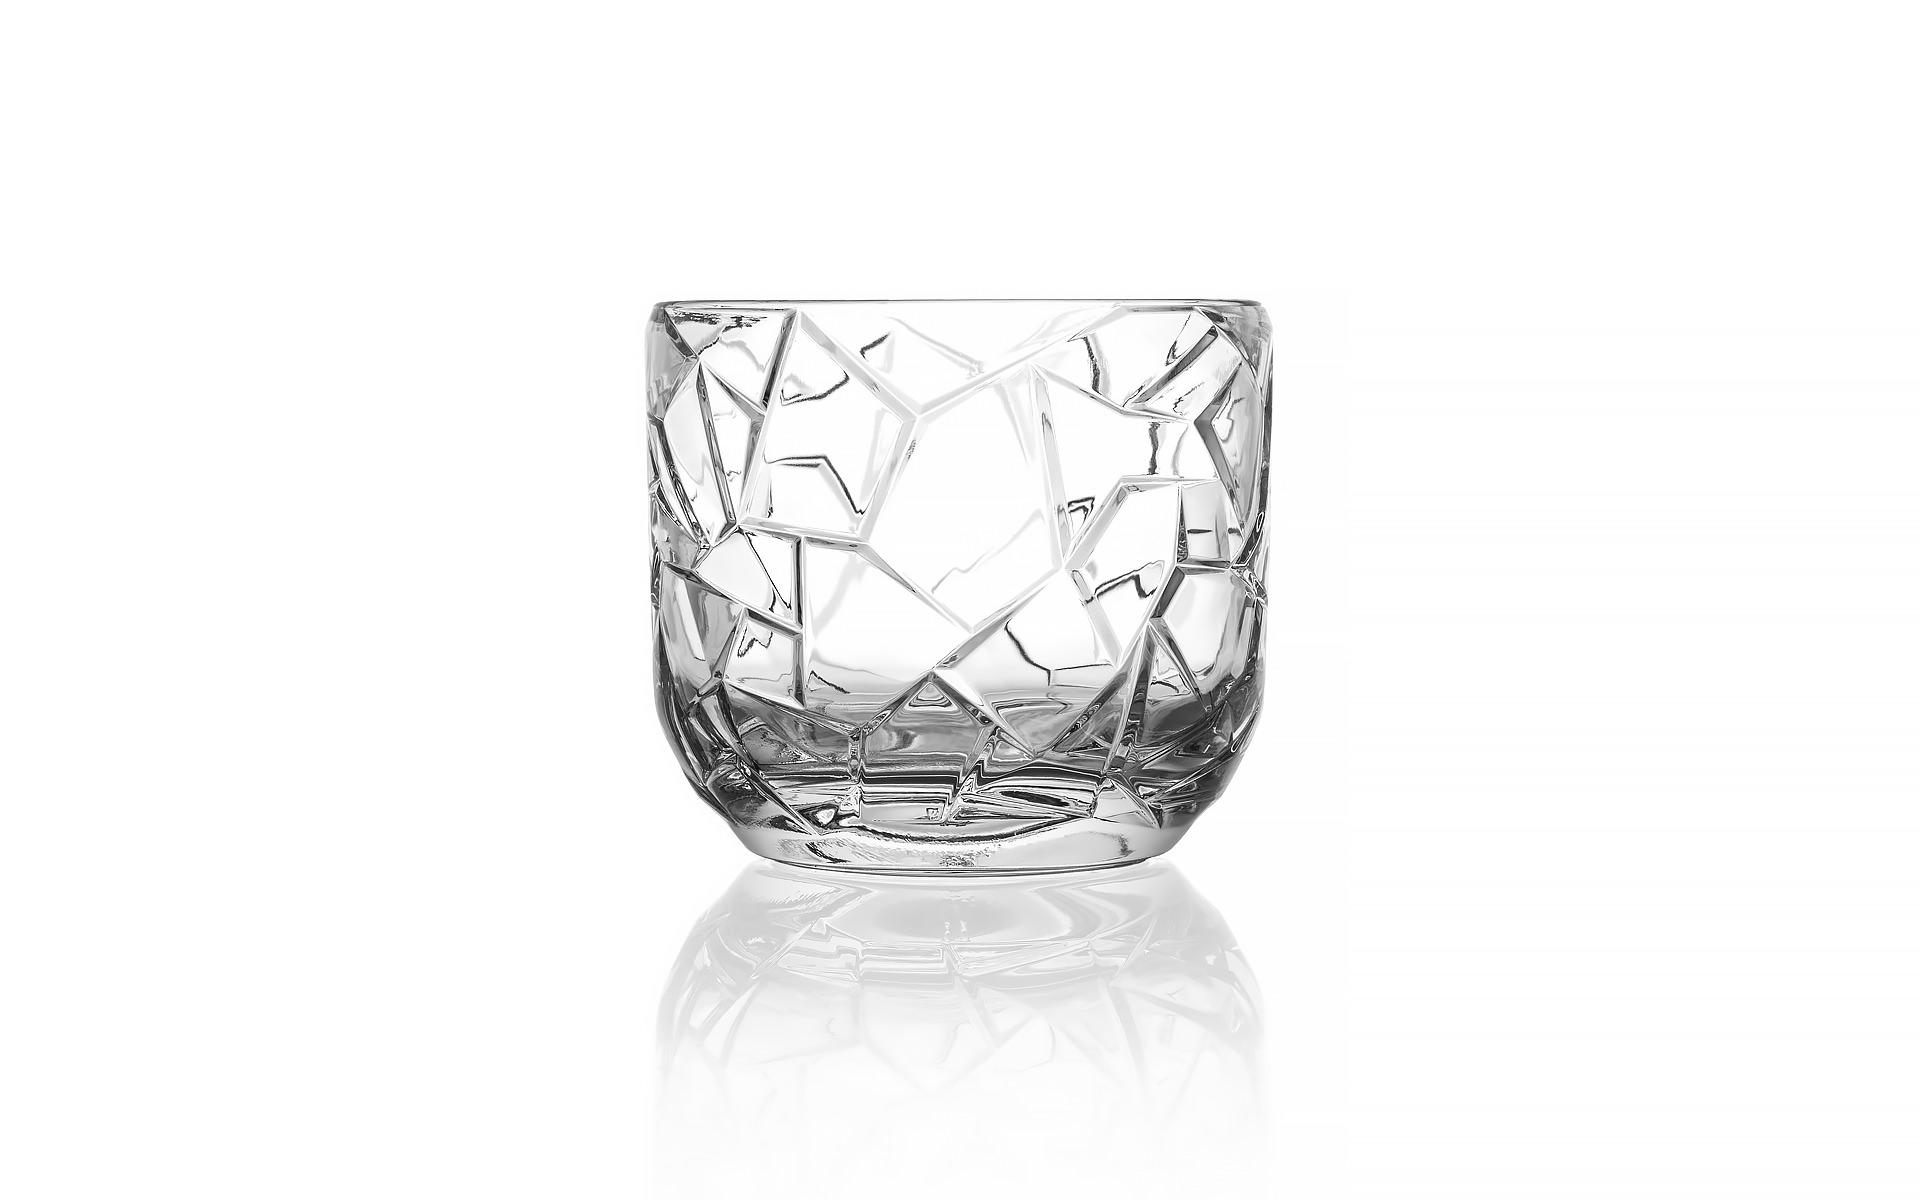 Natečaj Steklo